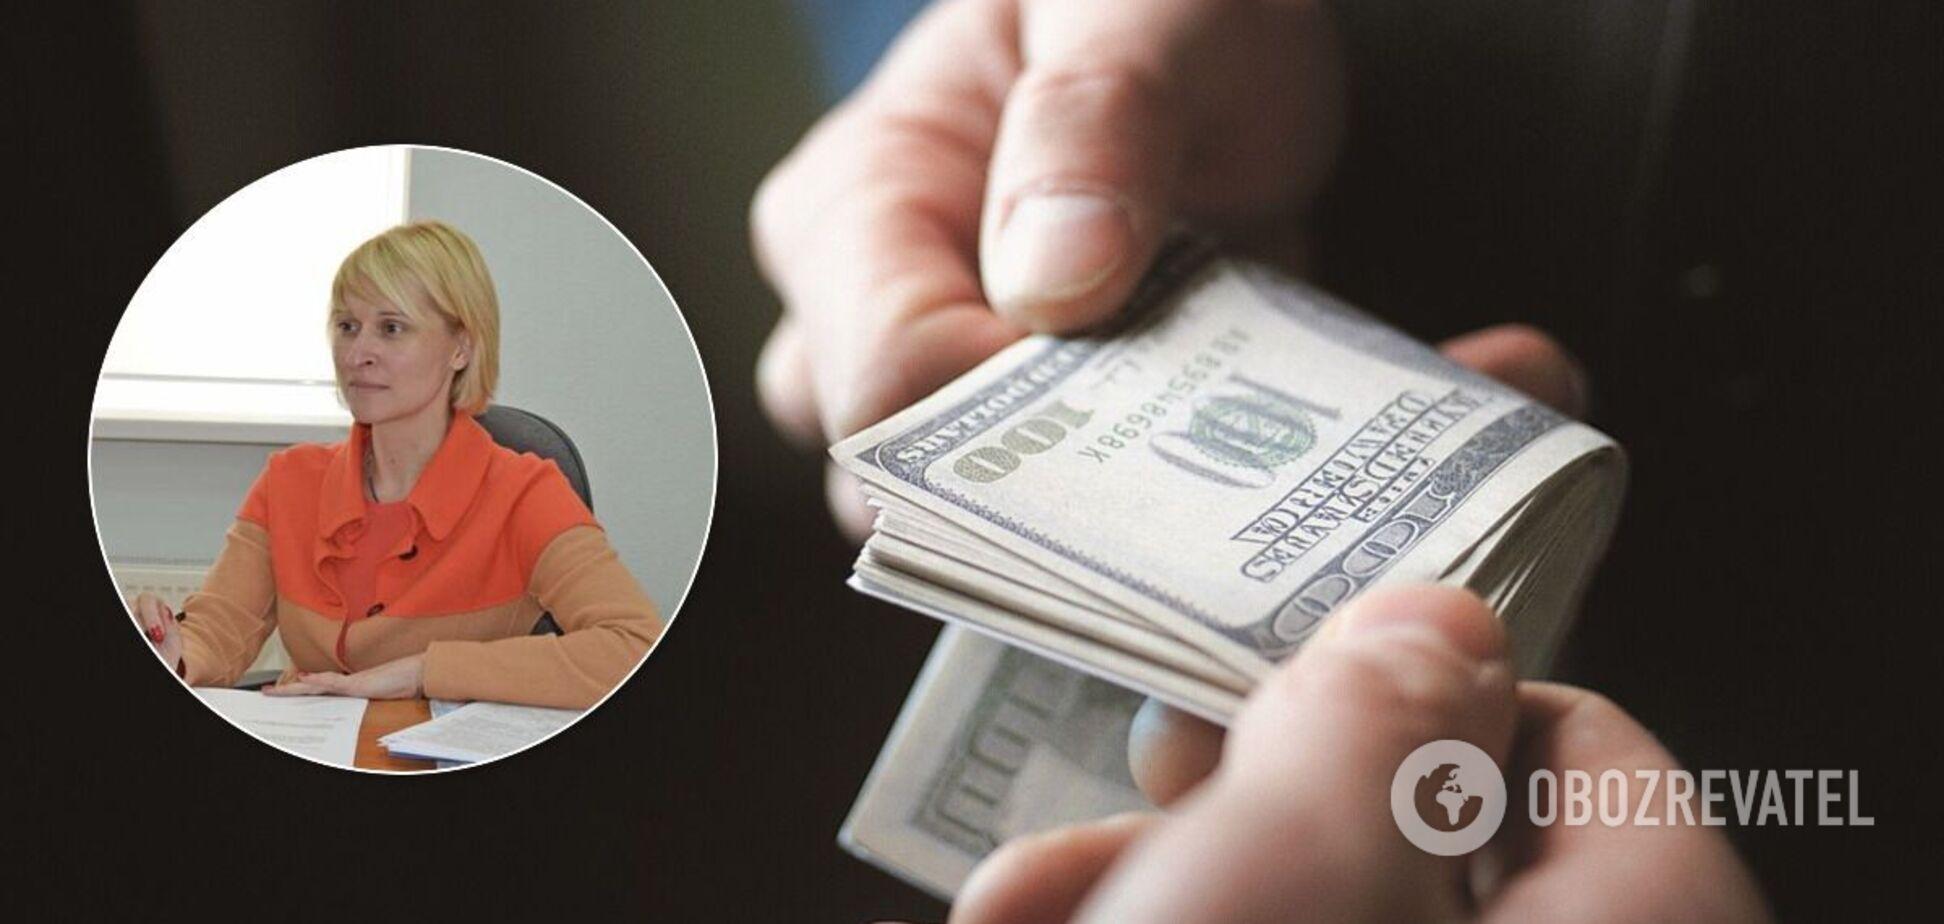 Журналіст звинуватив начальницю Одеської податкової в отриманні хабарів. Відео